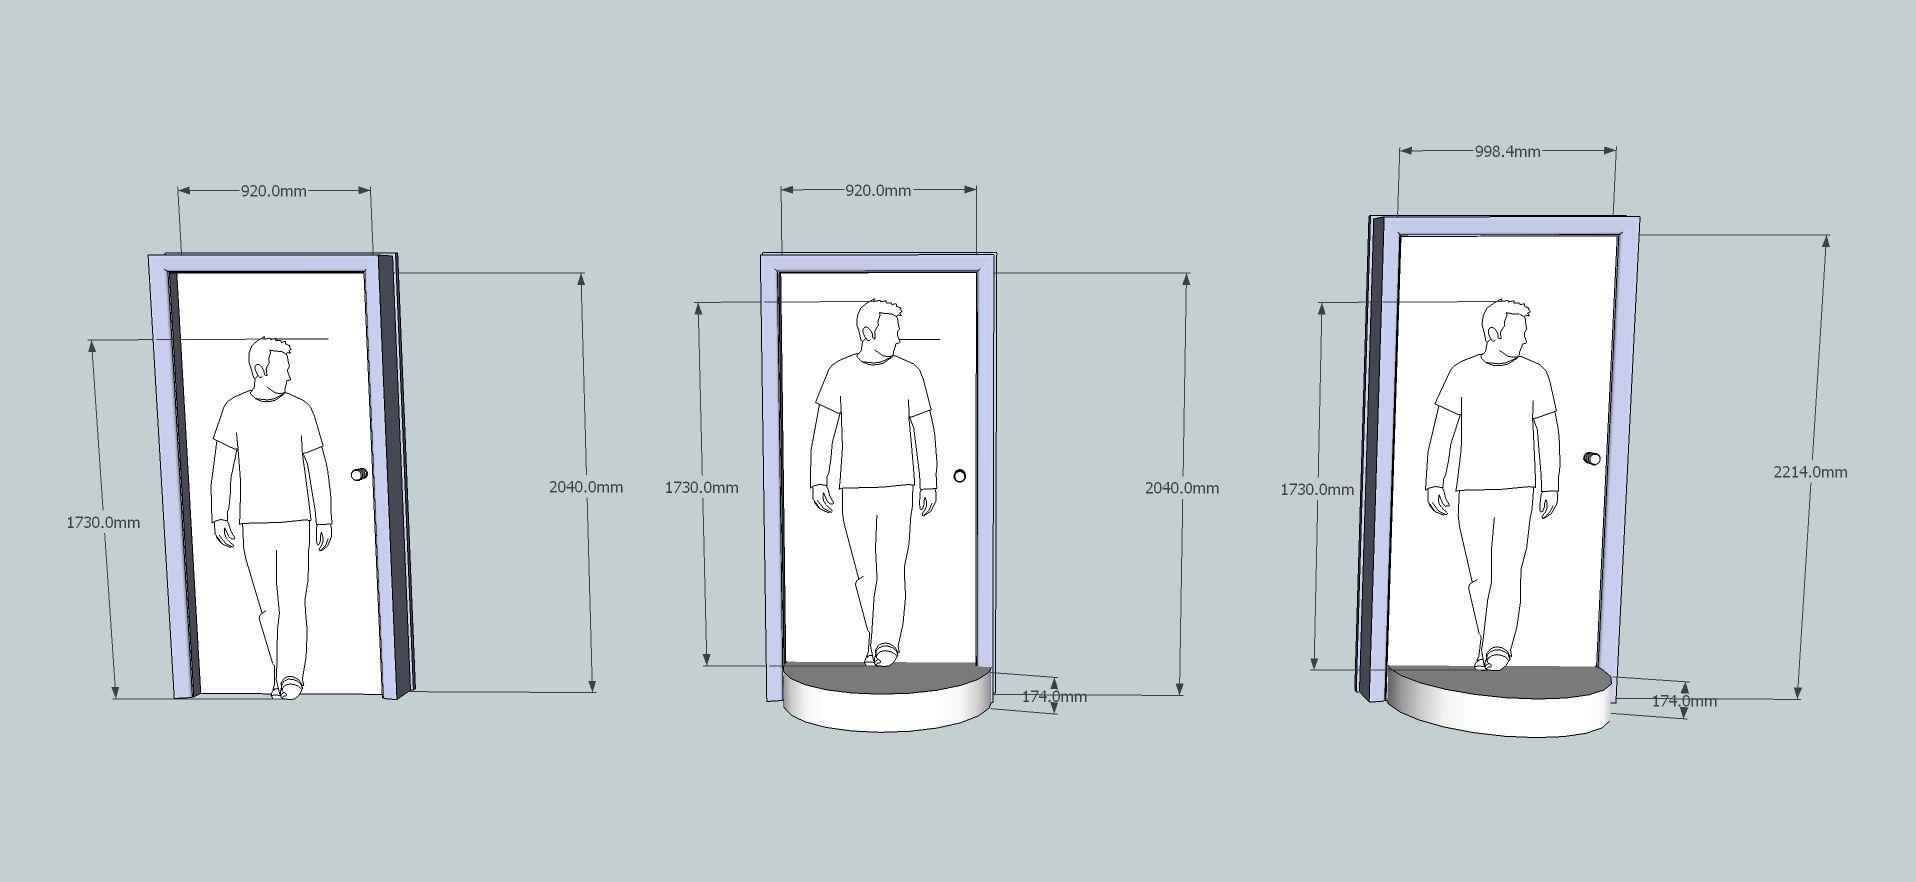 Standard Door Sizes Google Search Bedroom Doors Exterior Doors Bathroom Doors